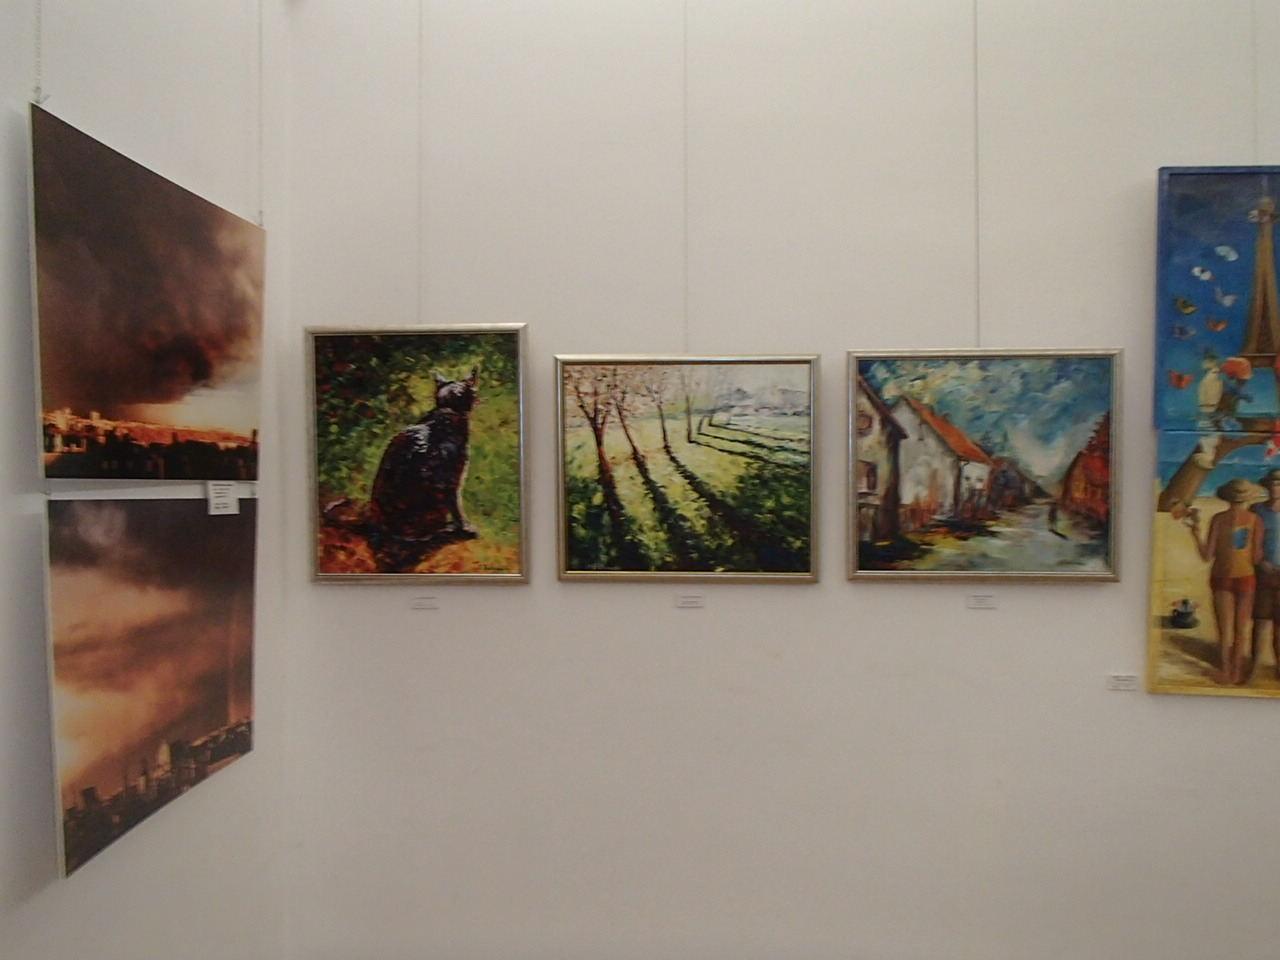 obrazy Adama Rutkowskiego - SALON JESIENNY 2019 - Sala Lustrzana - Pałac Zamoyskich